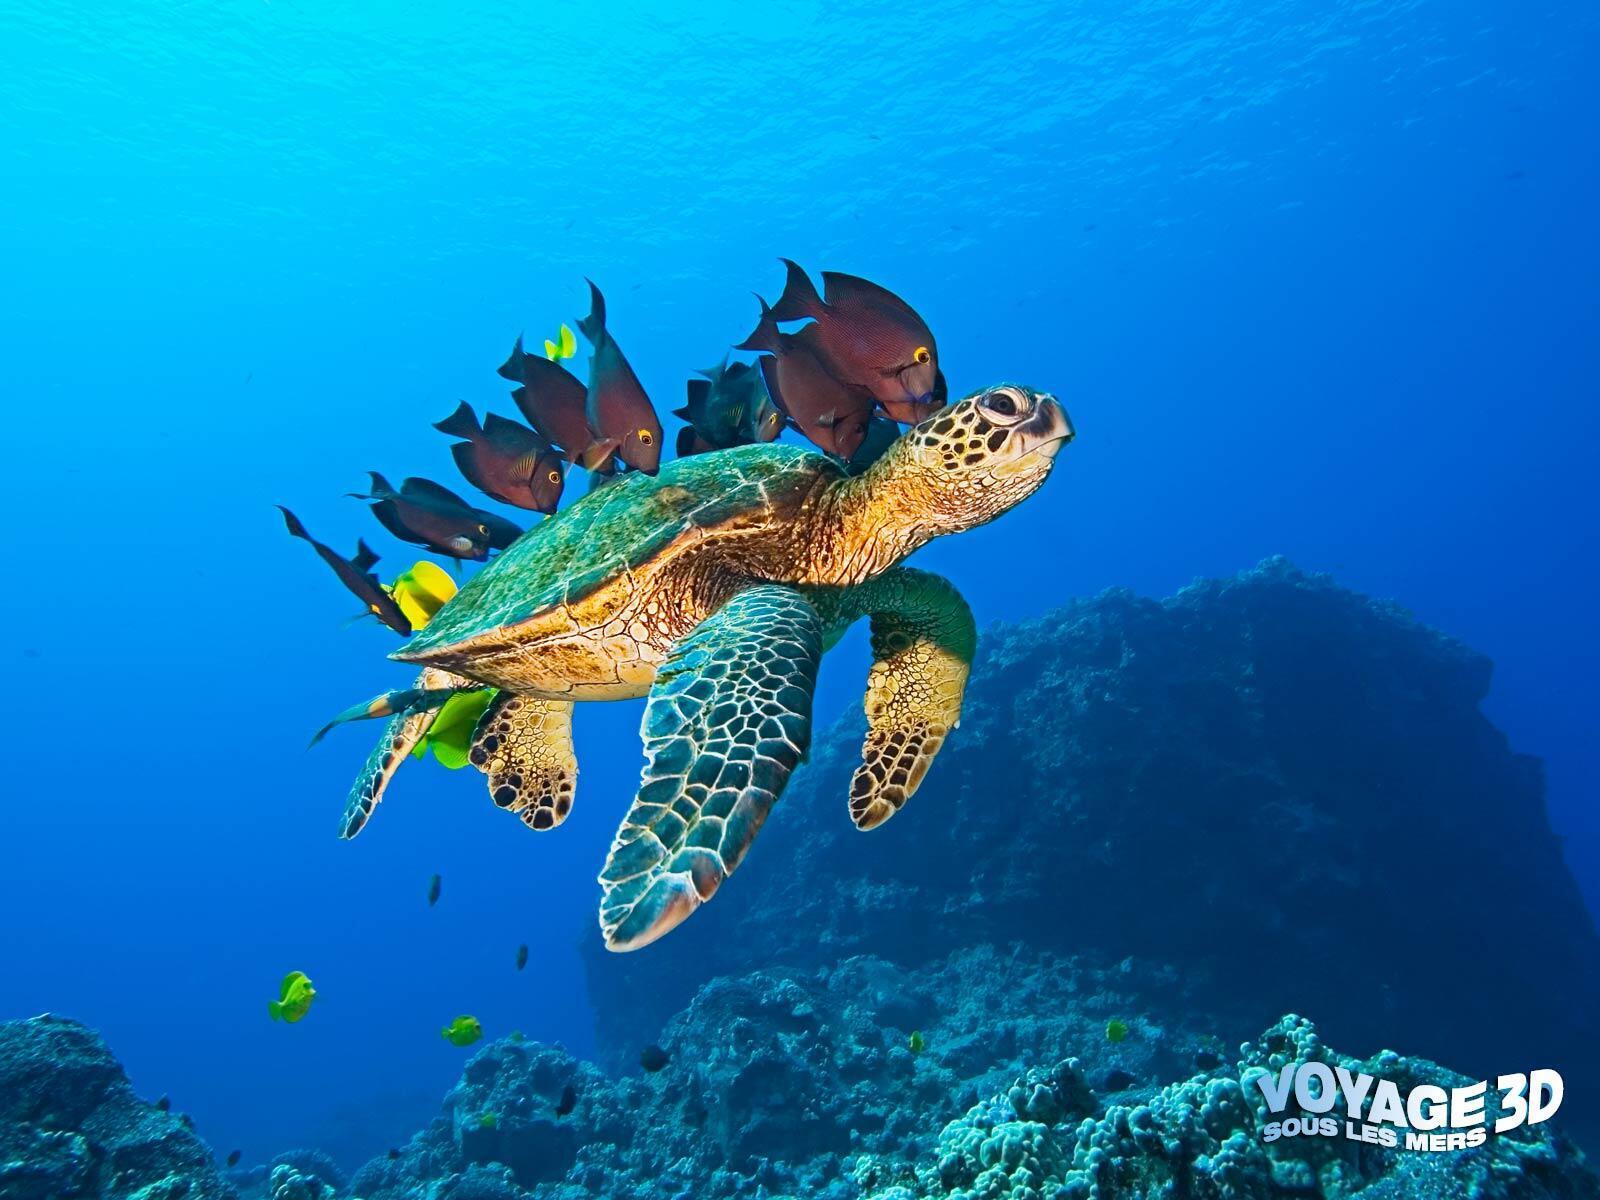 Voyage sous les mers en 3D